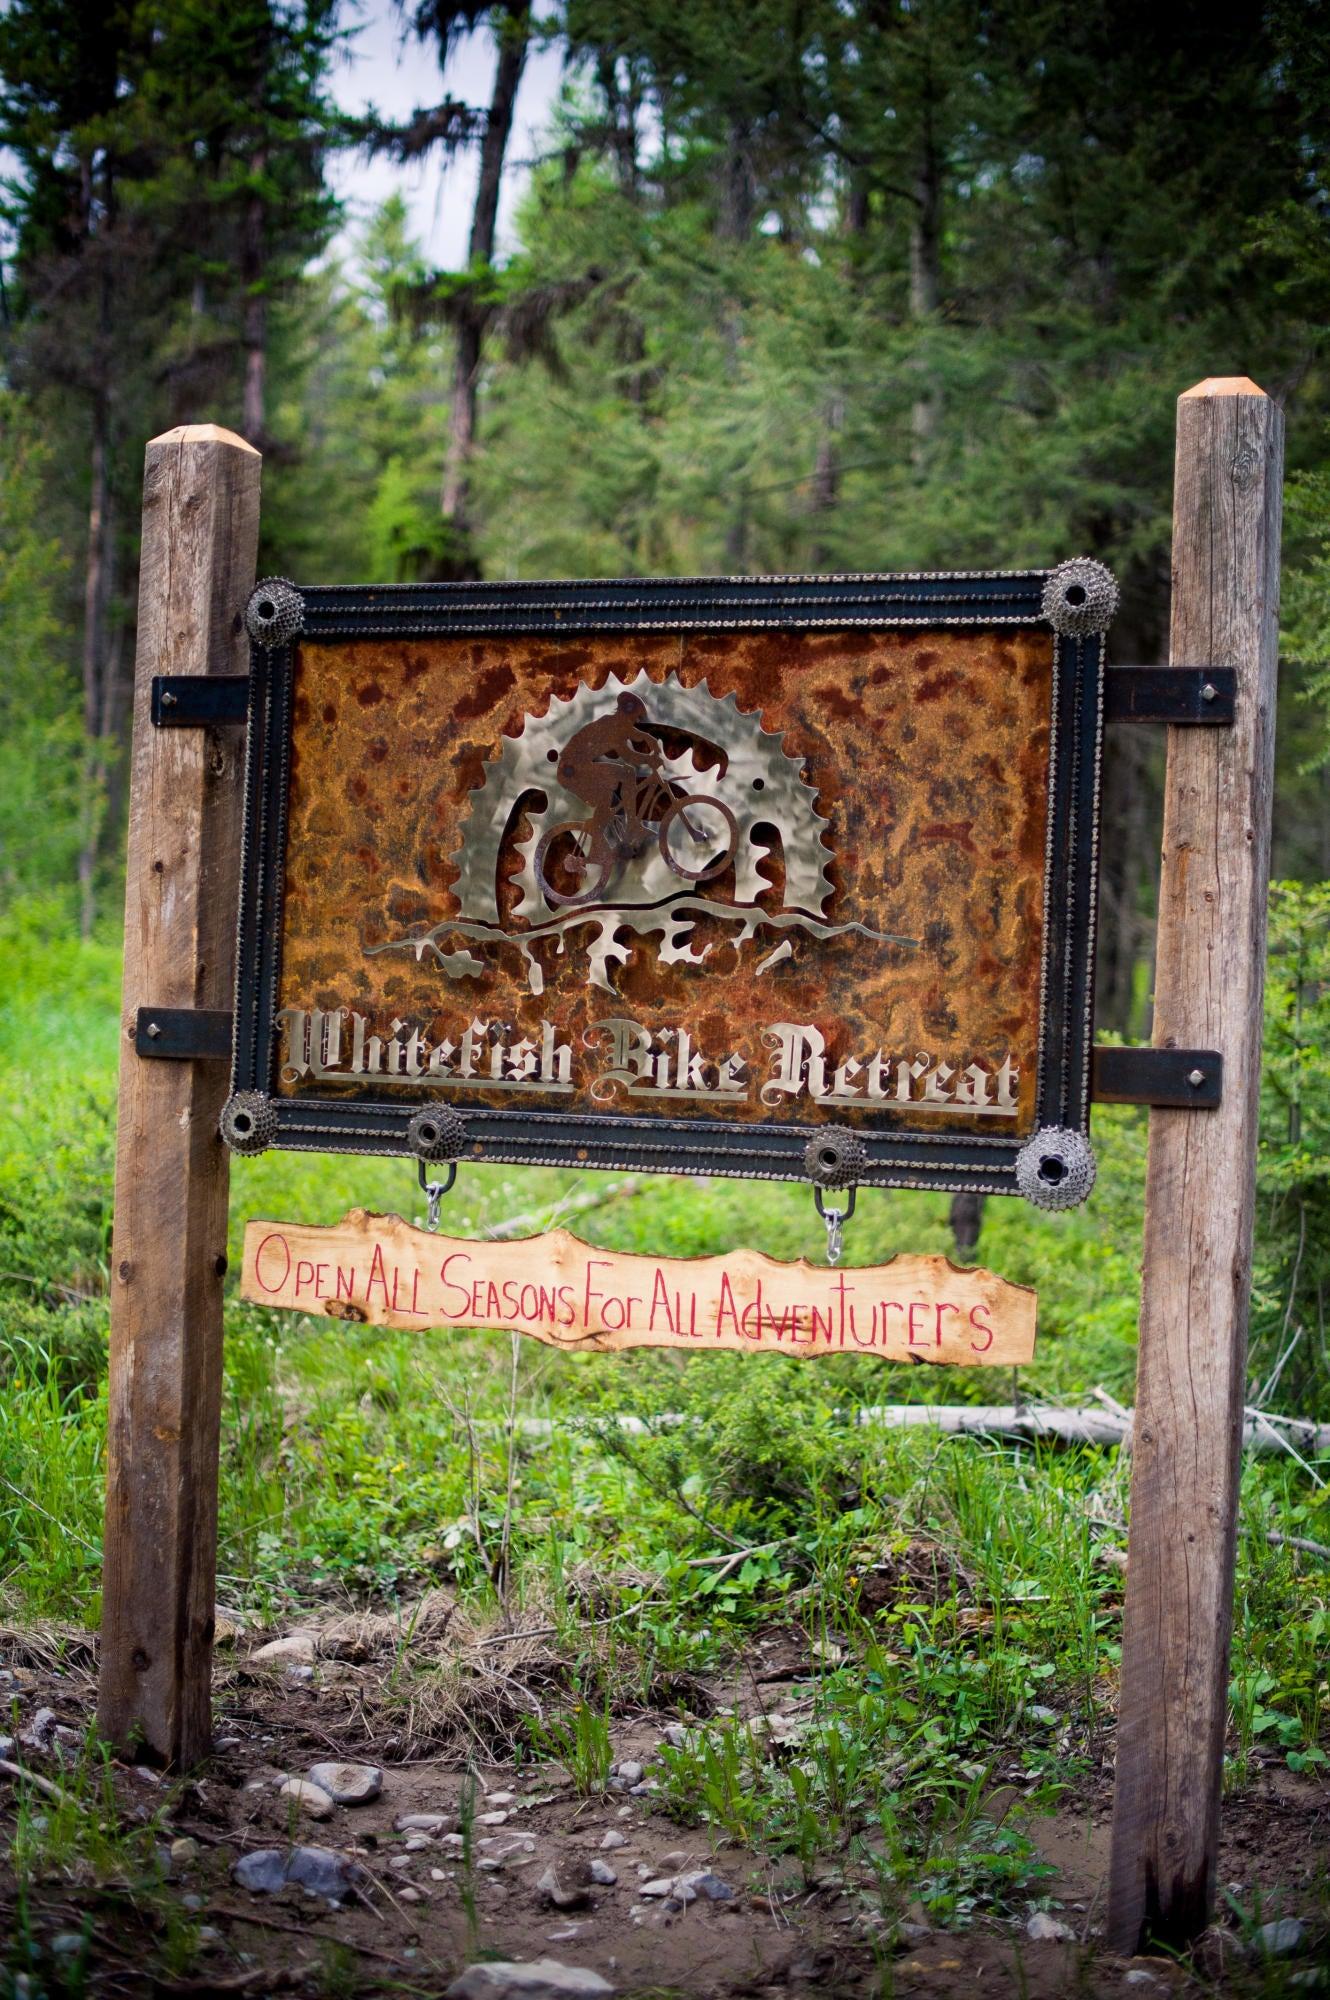 855 Beaver Lake Road, Whitefish, MT 59937